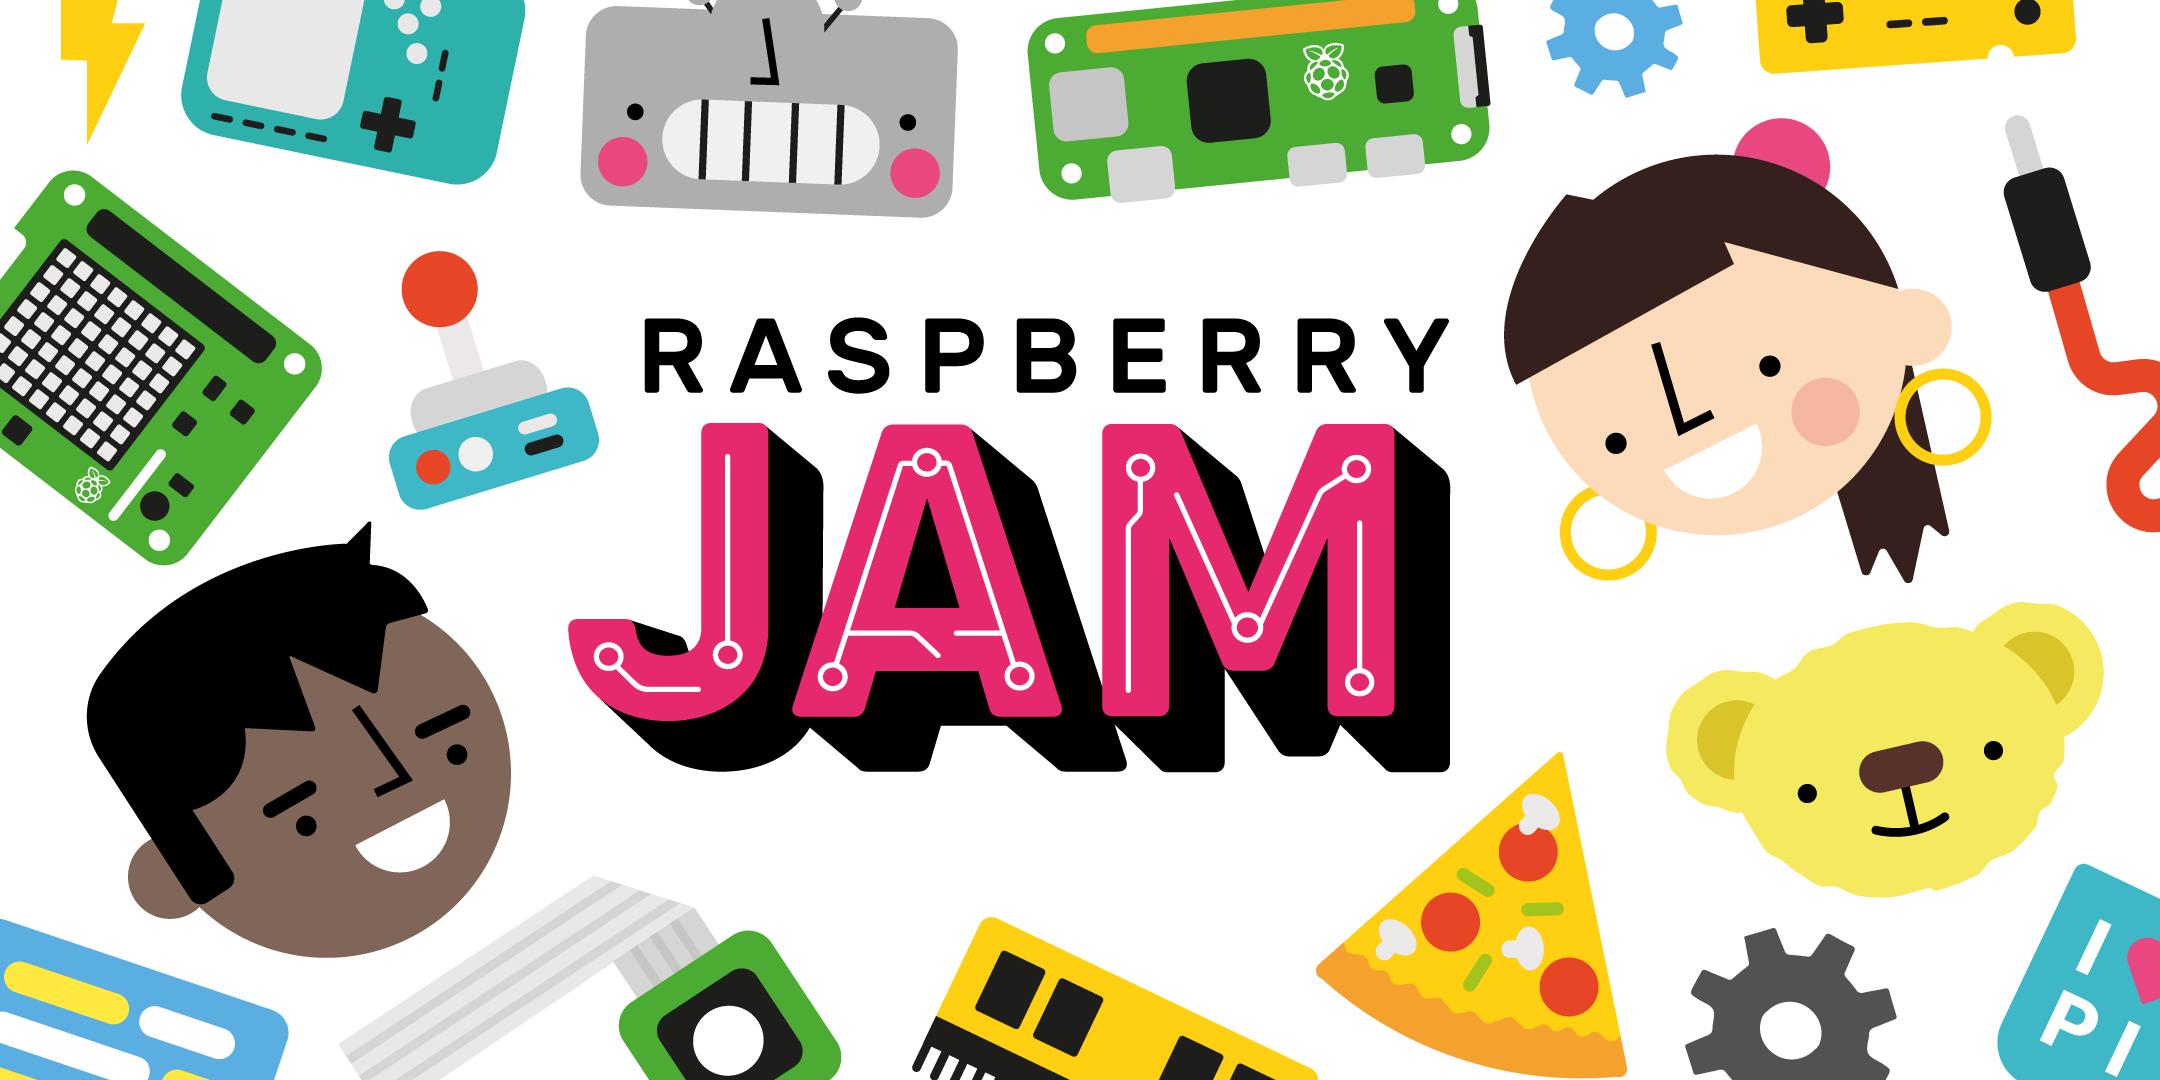 York Raspberry Jam